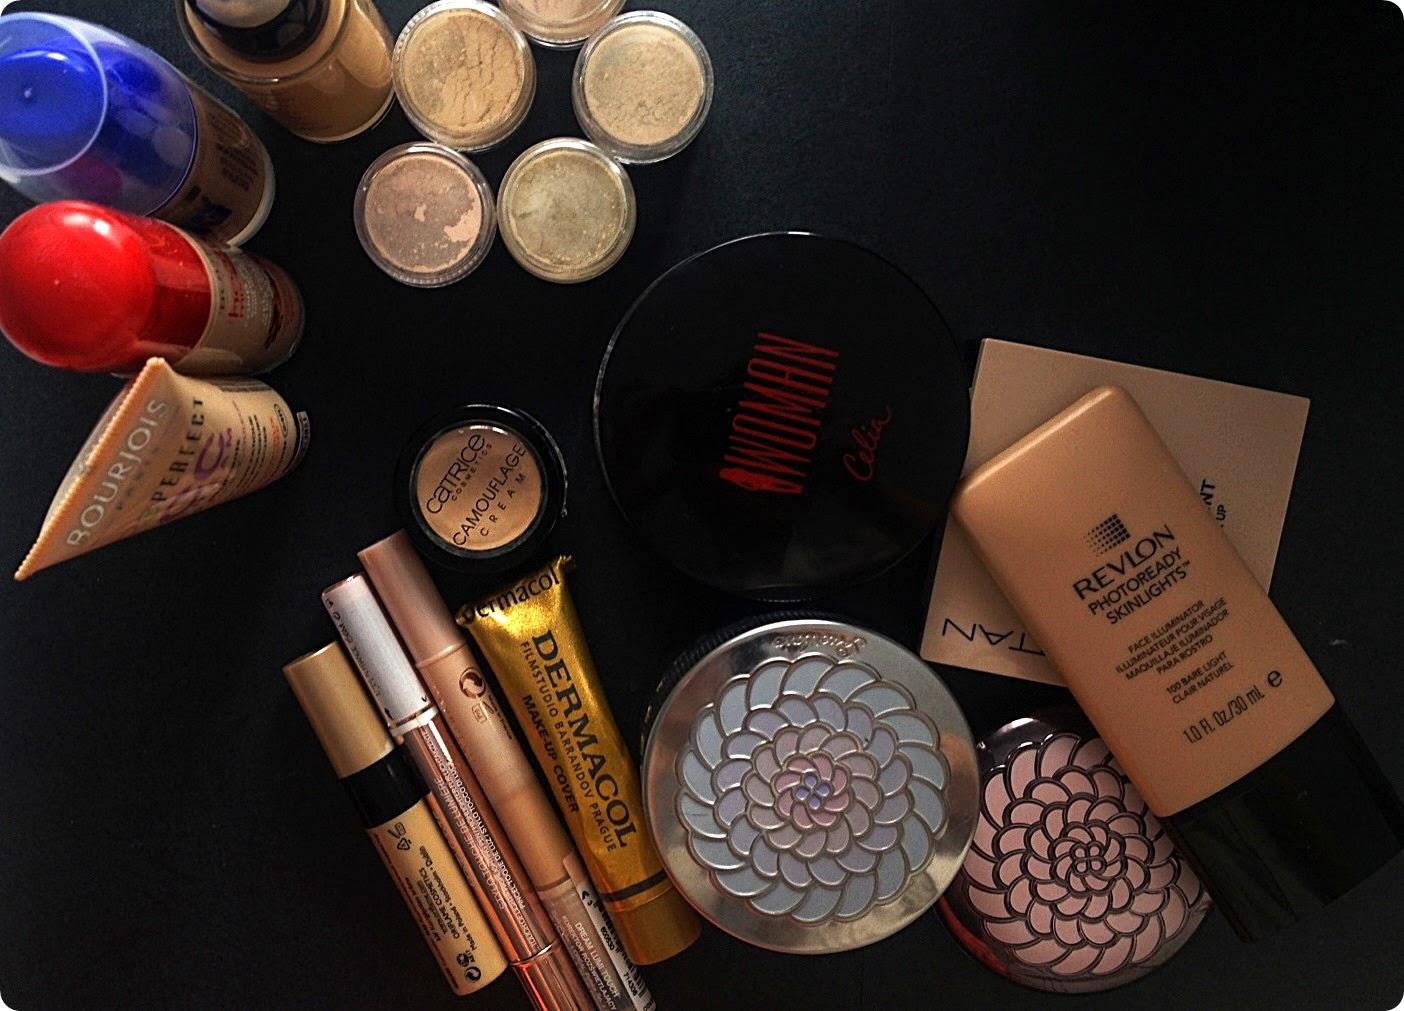 Moje kosmetyczne skarby: podkłady, korektory, pudry